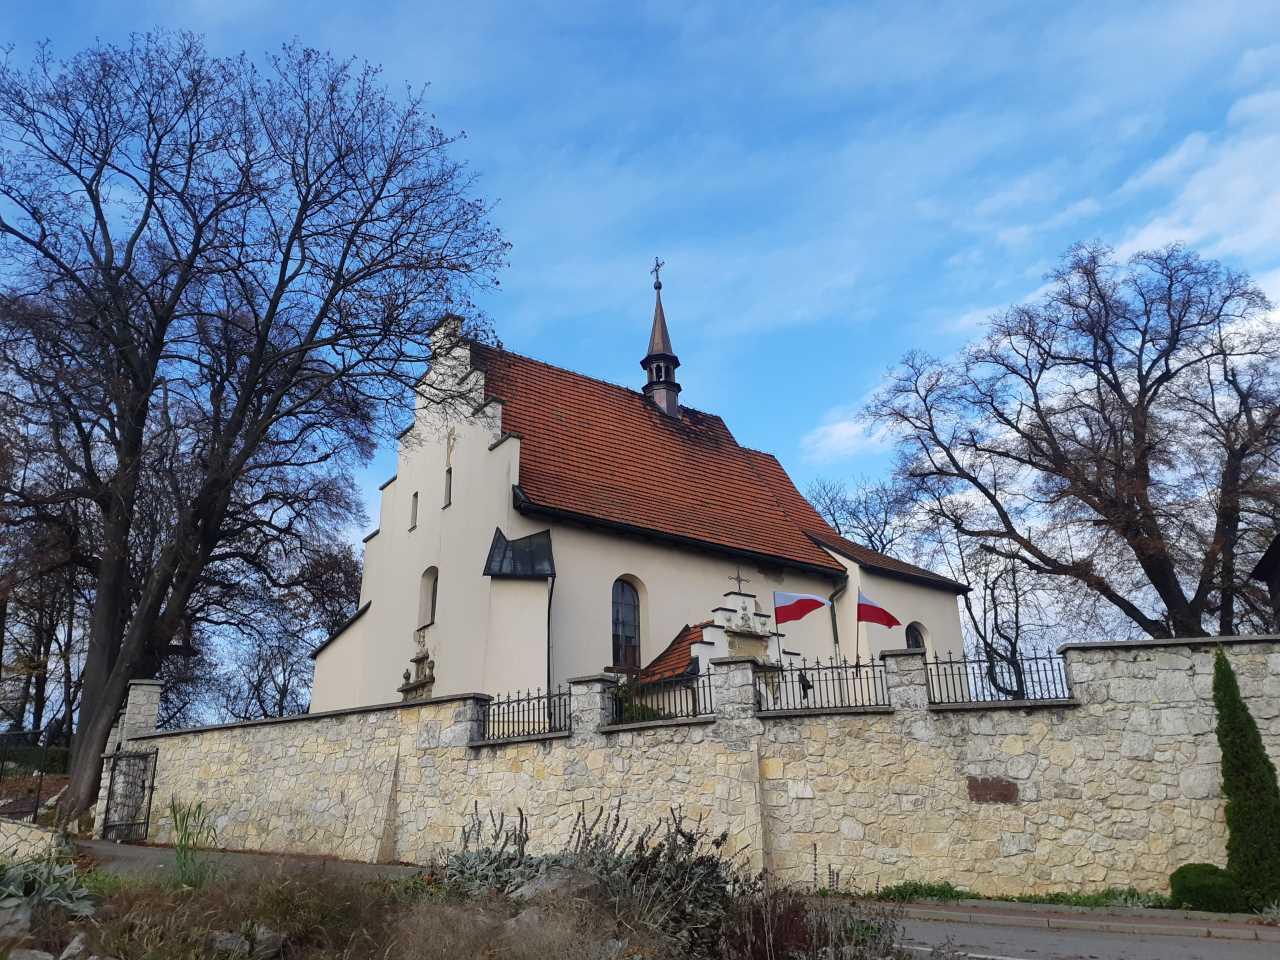 Zamek Korzkiew - Atrakcje -  Kościół w Giebułtowie XVI w.